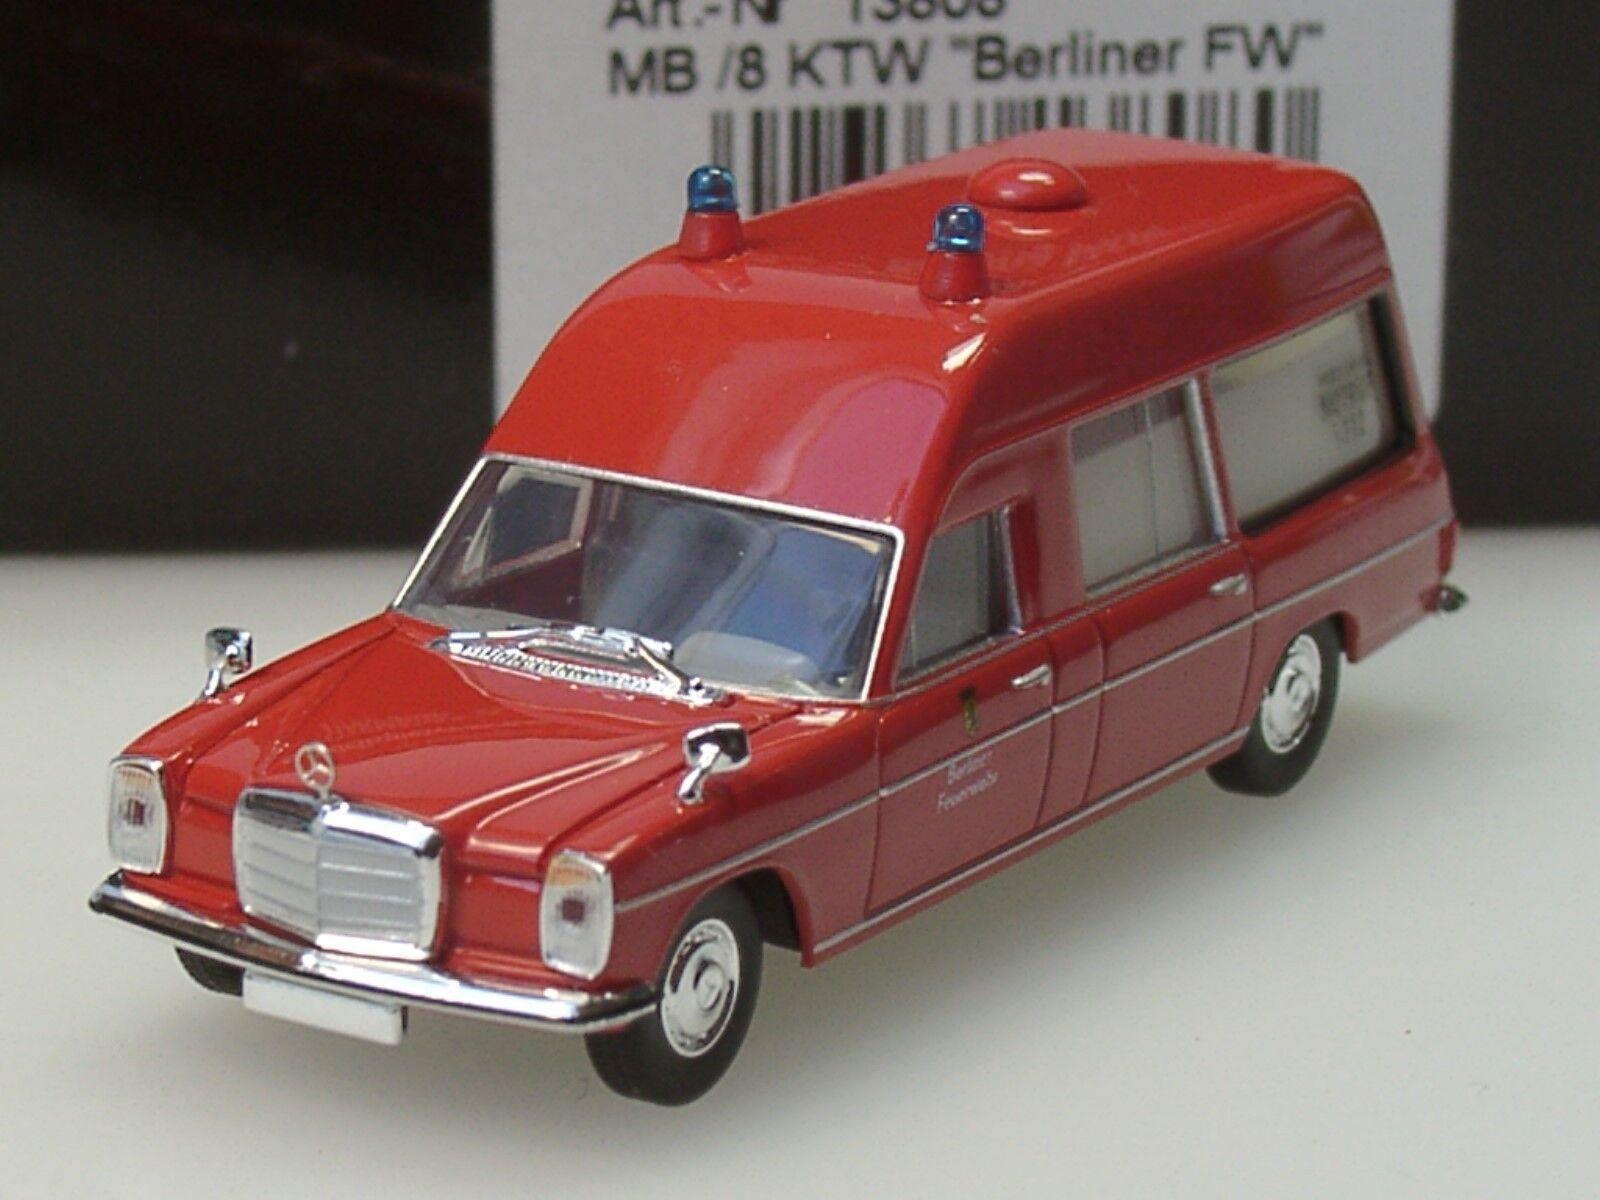 Starmada   brekina mercedes berliner   8 krankenwagen, berliner mercedes feuerwehr - 13808 - 1   87 35f523